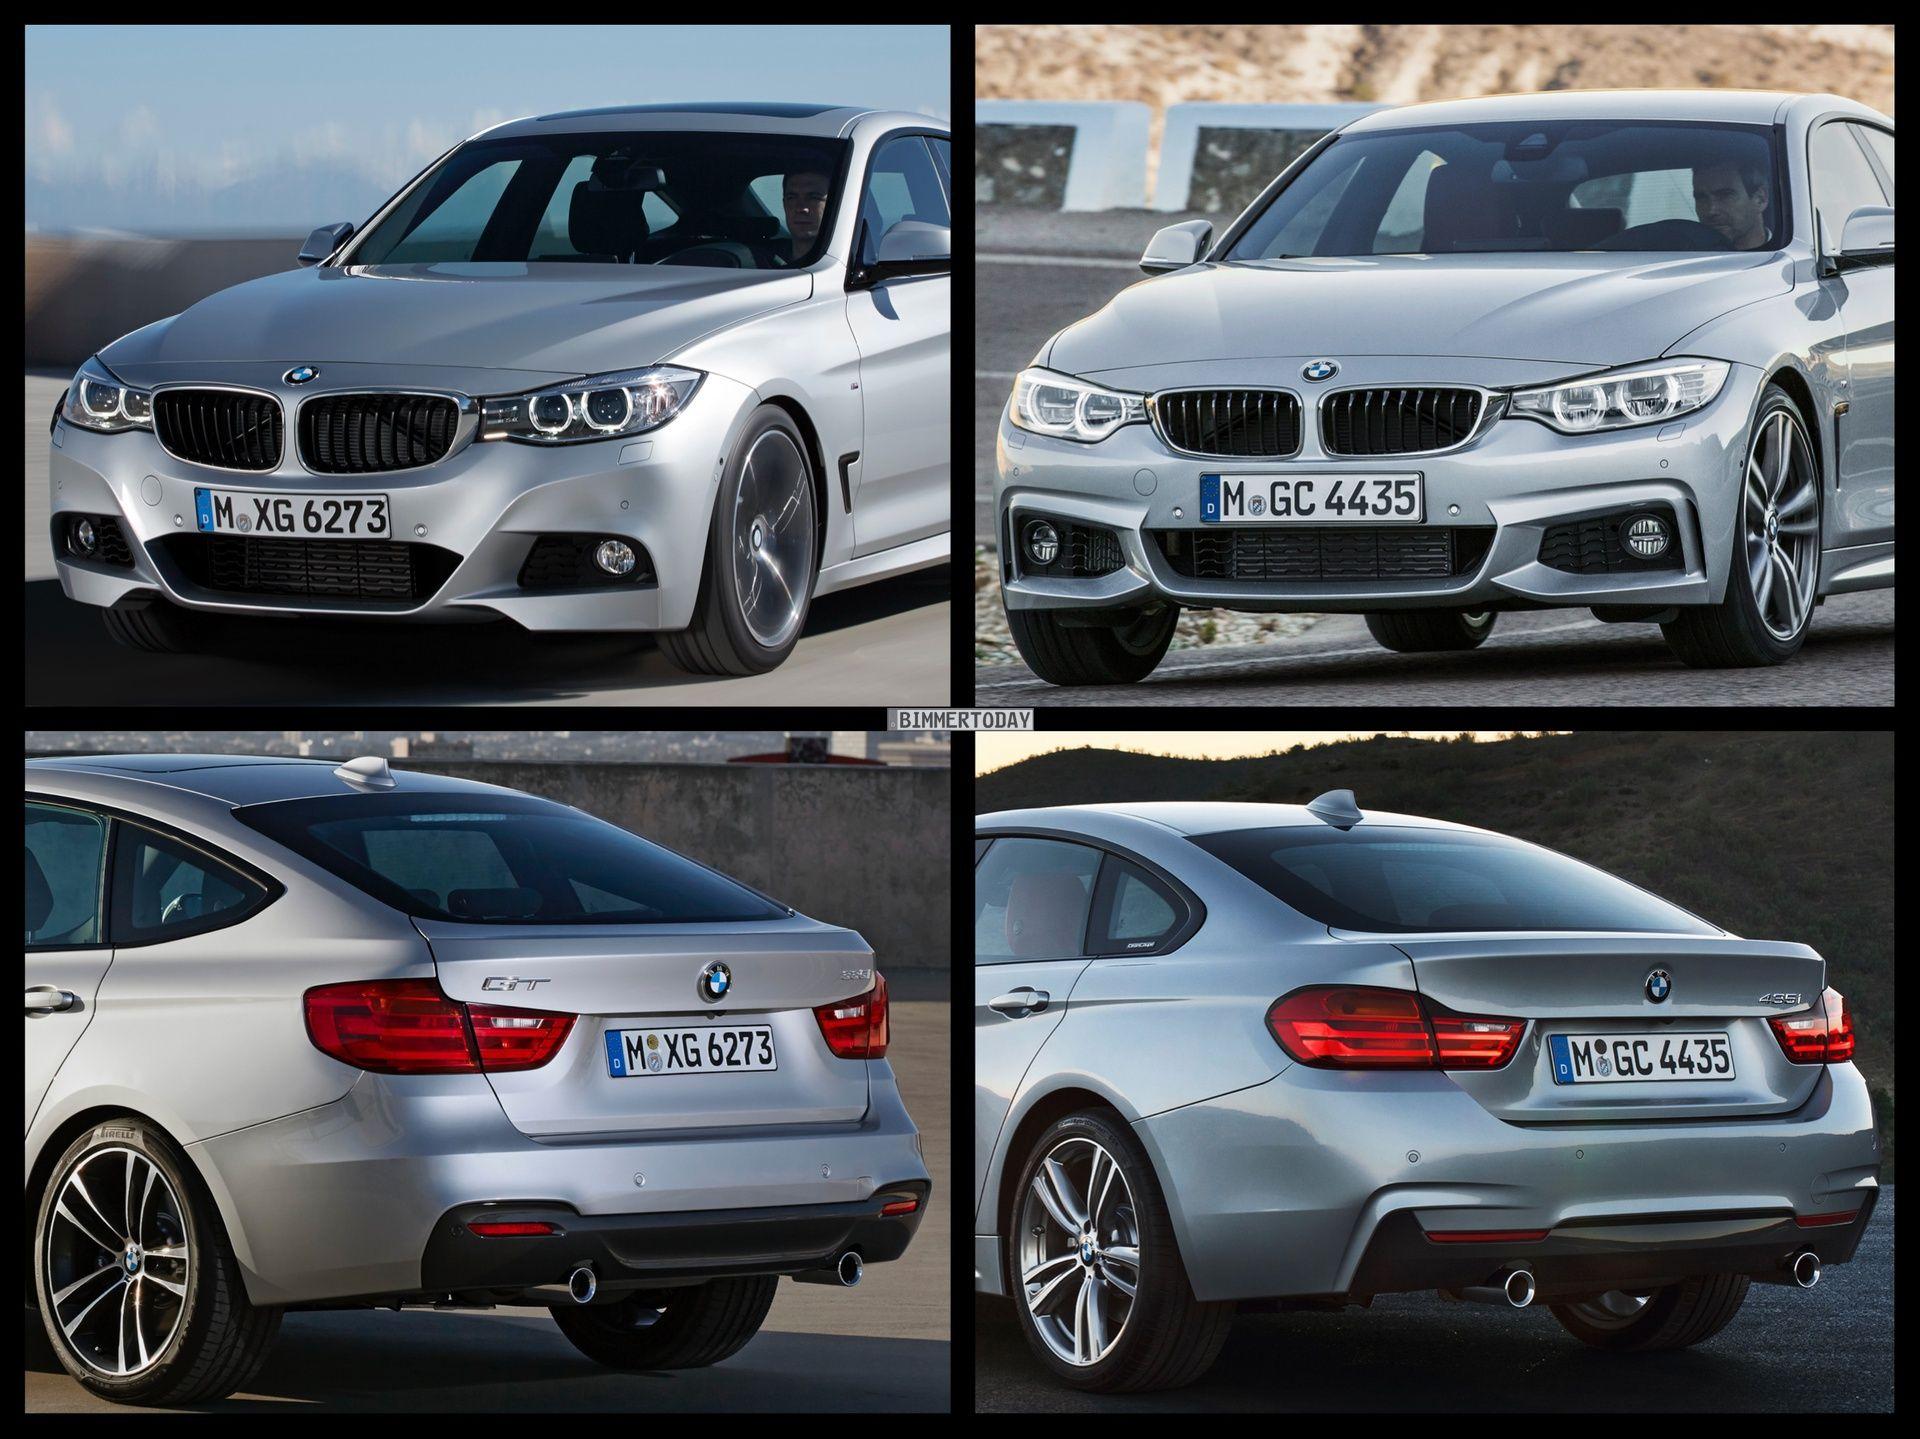 Bmw 4 Series Gran Coupe Vs Bmw 3 Series Gt Photo Comparison Bmw 3 Series Gt Bmw Bmw 3 Series